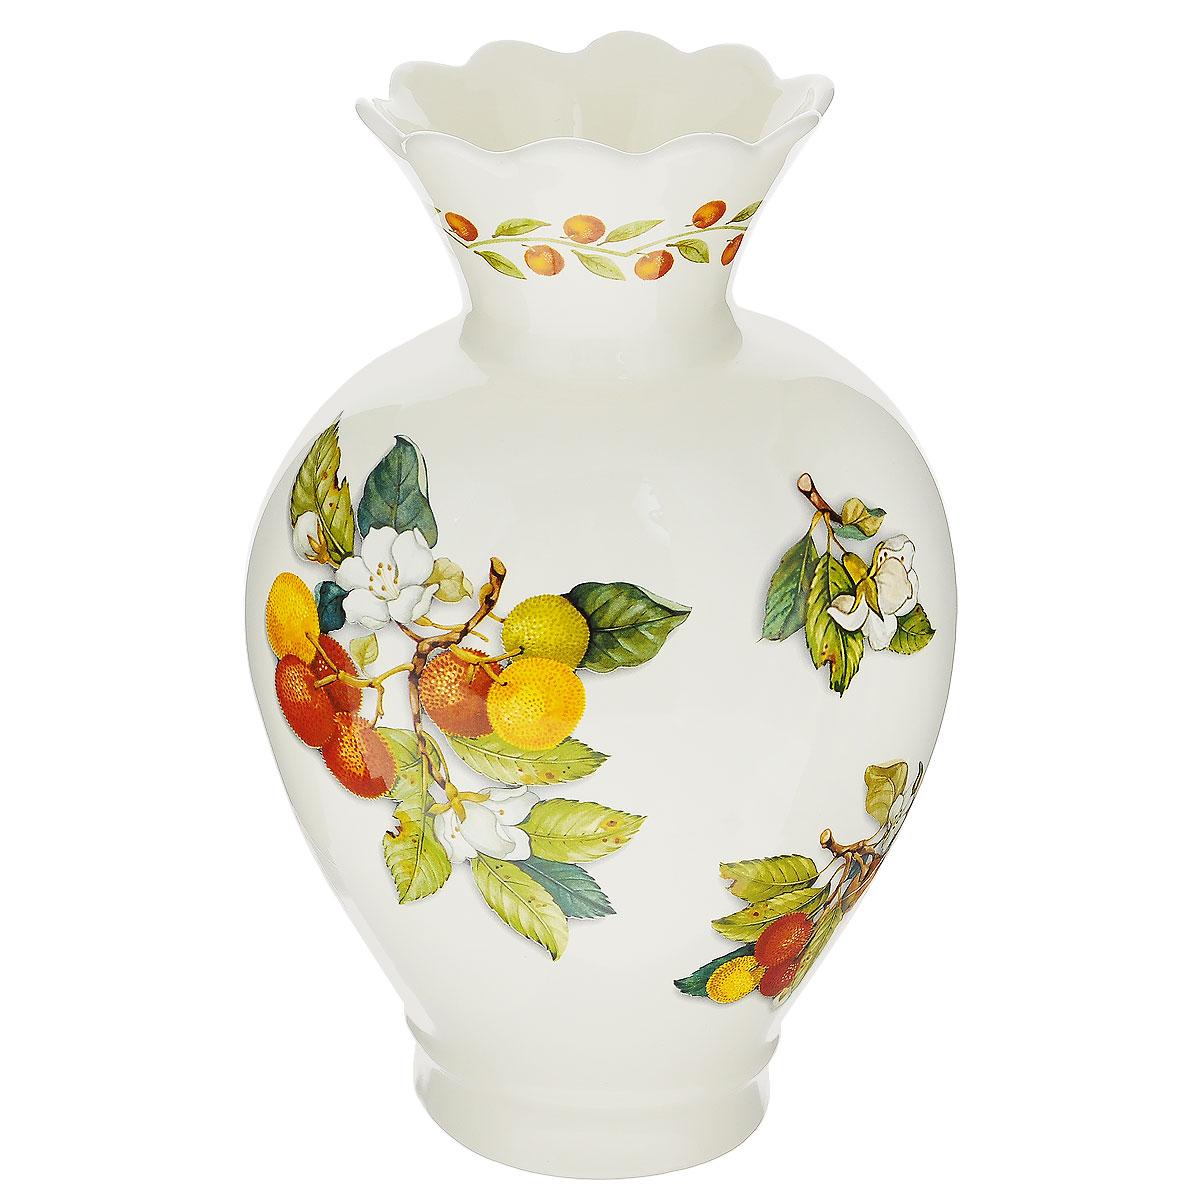 Ваза для цветов Nuova Cer Итальянские фрукты, высота 31 смNC7438-CEM-ALВаза для цветов Nuova Cer Итальянские фрукты изготовлена из высококачественной керамики и украшена красочным изображением фруктов. Такая оригинальная ваза прекрасно оформит интерьер дома, офиса или дачи. Подойдет как для декора, так и в качестве вазы для цветов. Высота вазы: 31 см.Размер по верхнему краю: 12,5 см х 10,5 см.Размер основания: 10,5 см х 10 см.Общий размер вазы: 20 см х 14,5 см х 31 см.